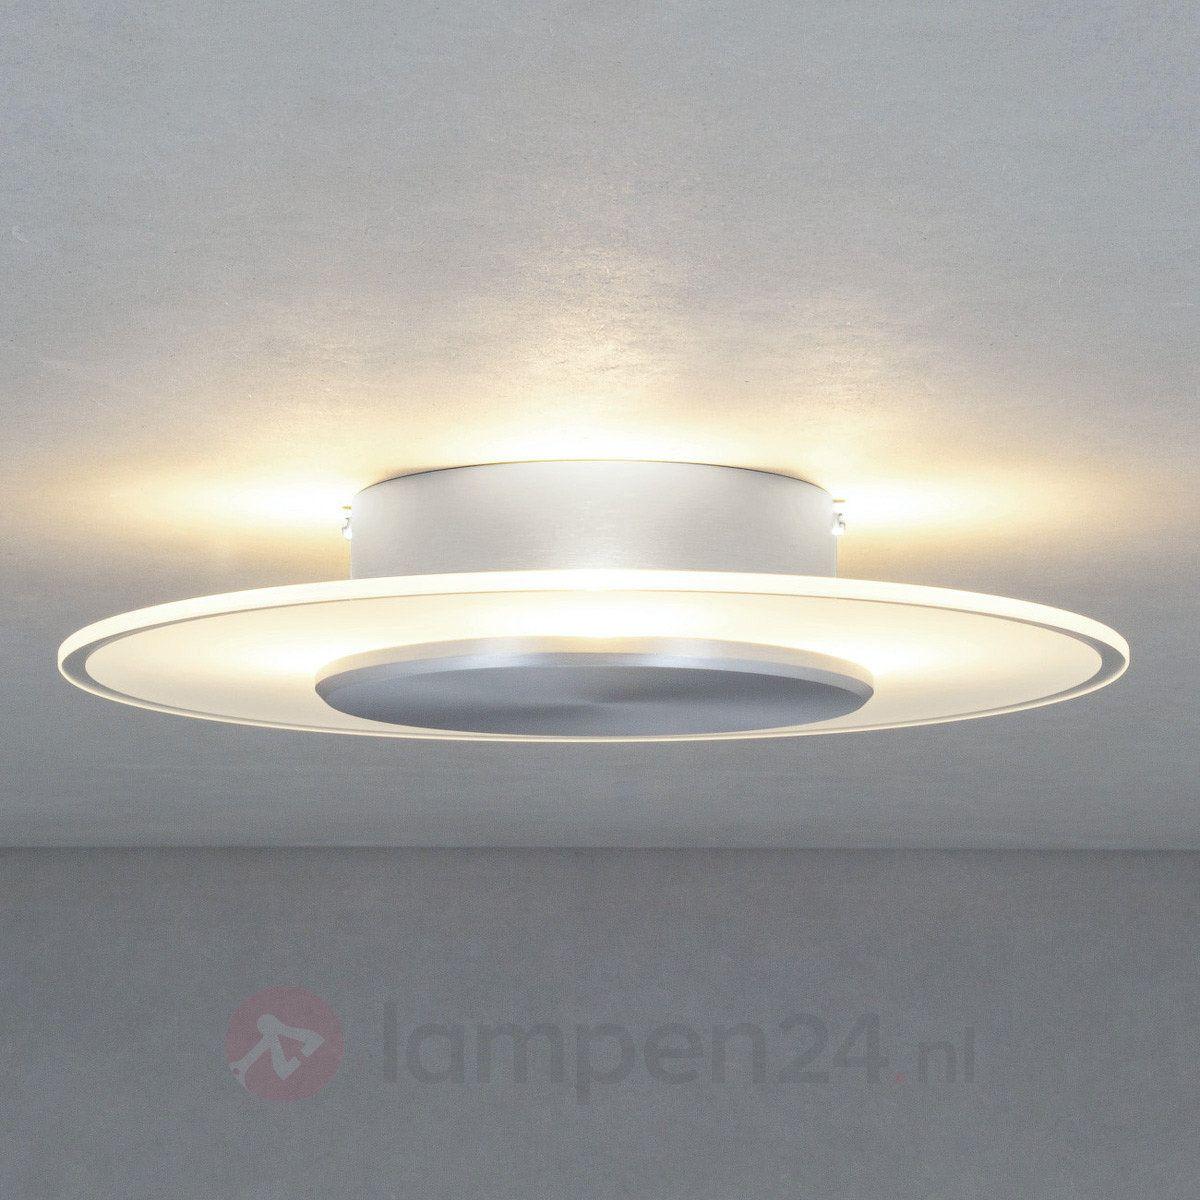 lampen 24 online shop höchst pic der cccceedebdb